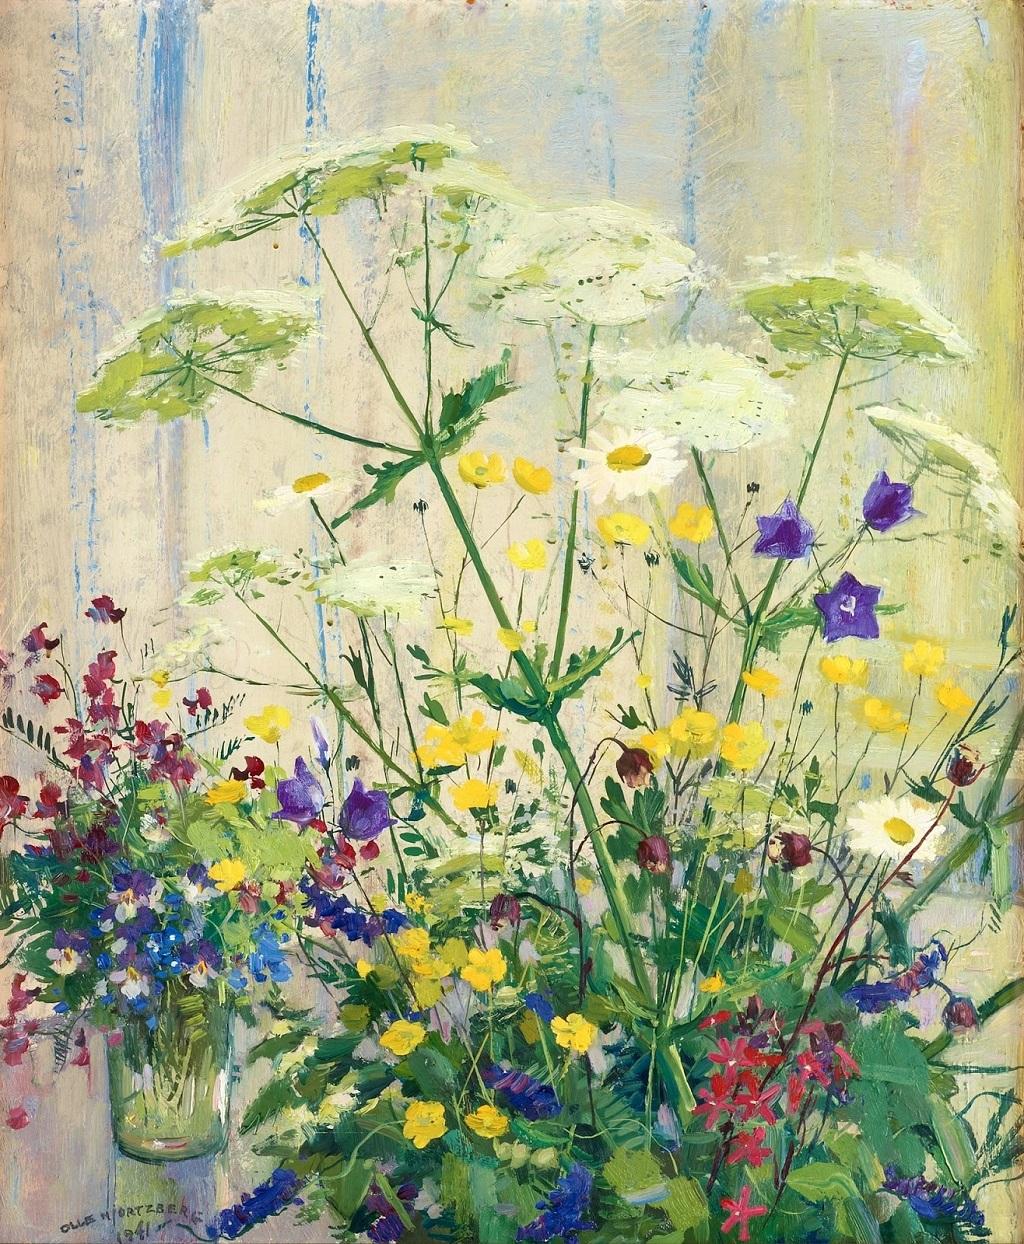 2_1941_Натюрморт с луговыми цветами_65 x 54_д.,м._Частное собрание.jpg